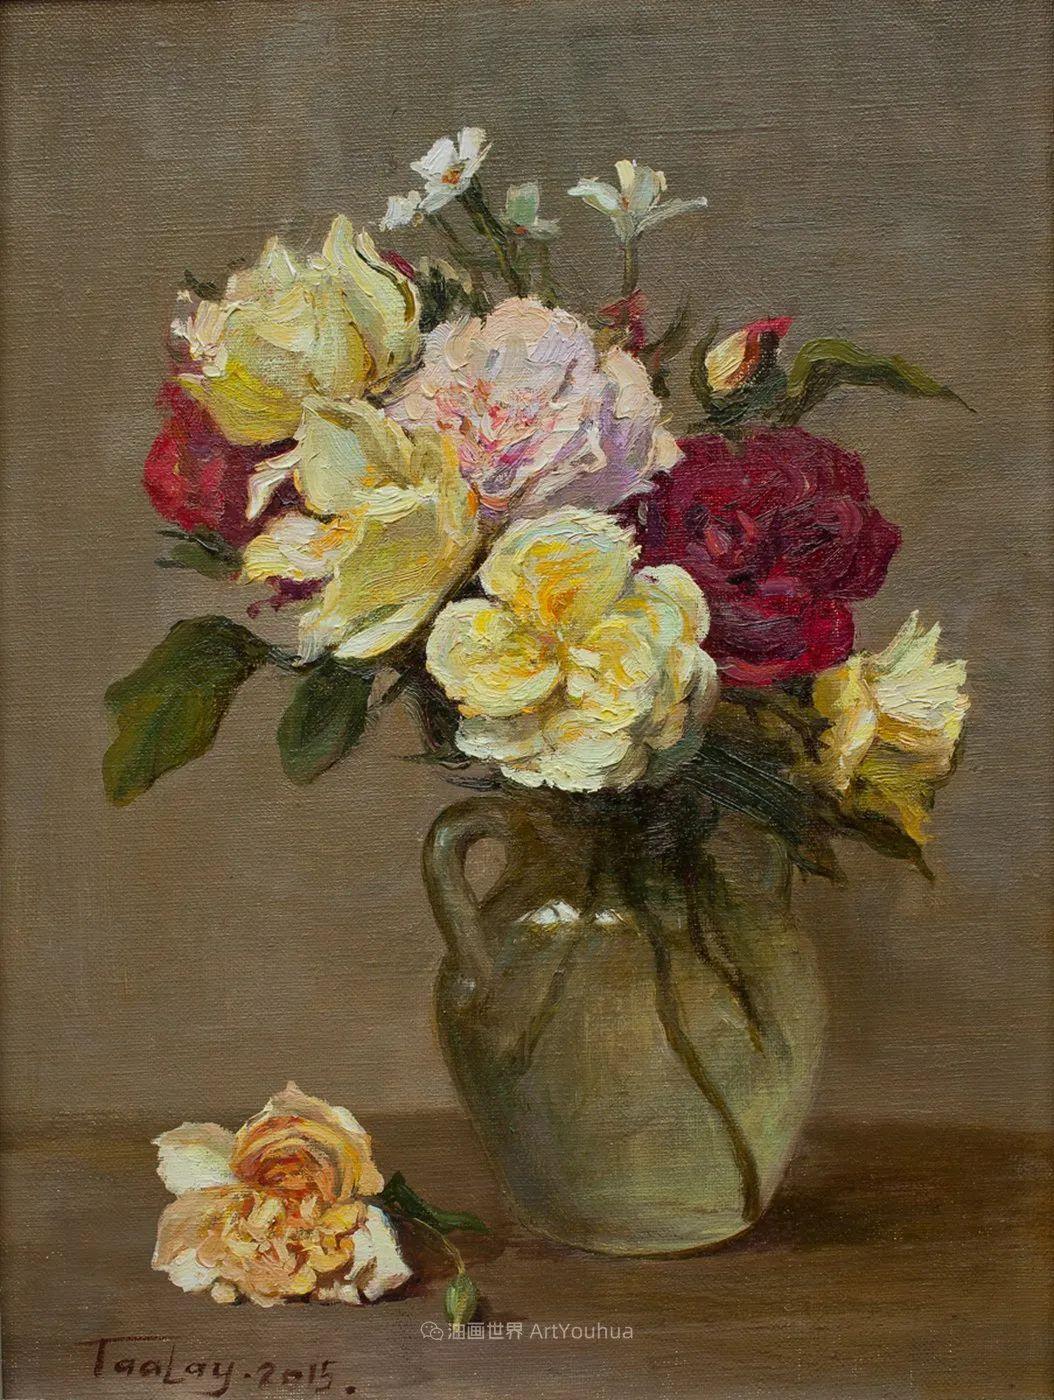 他的花儿如此生动和明亮,充满了光和微妙的东方哲学!插图81